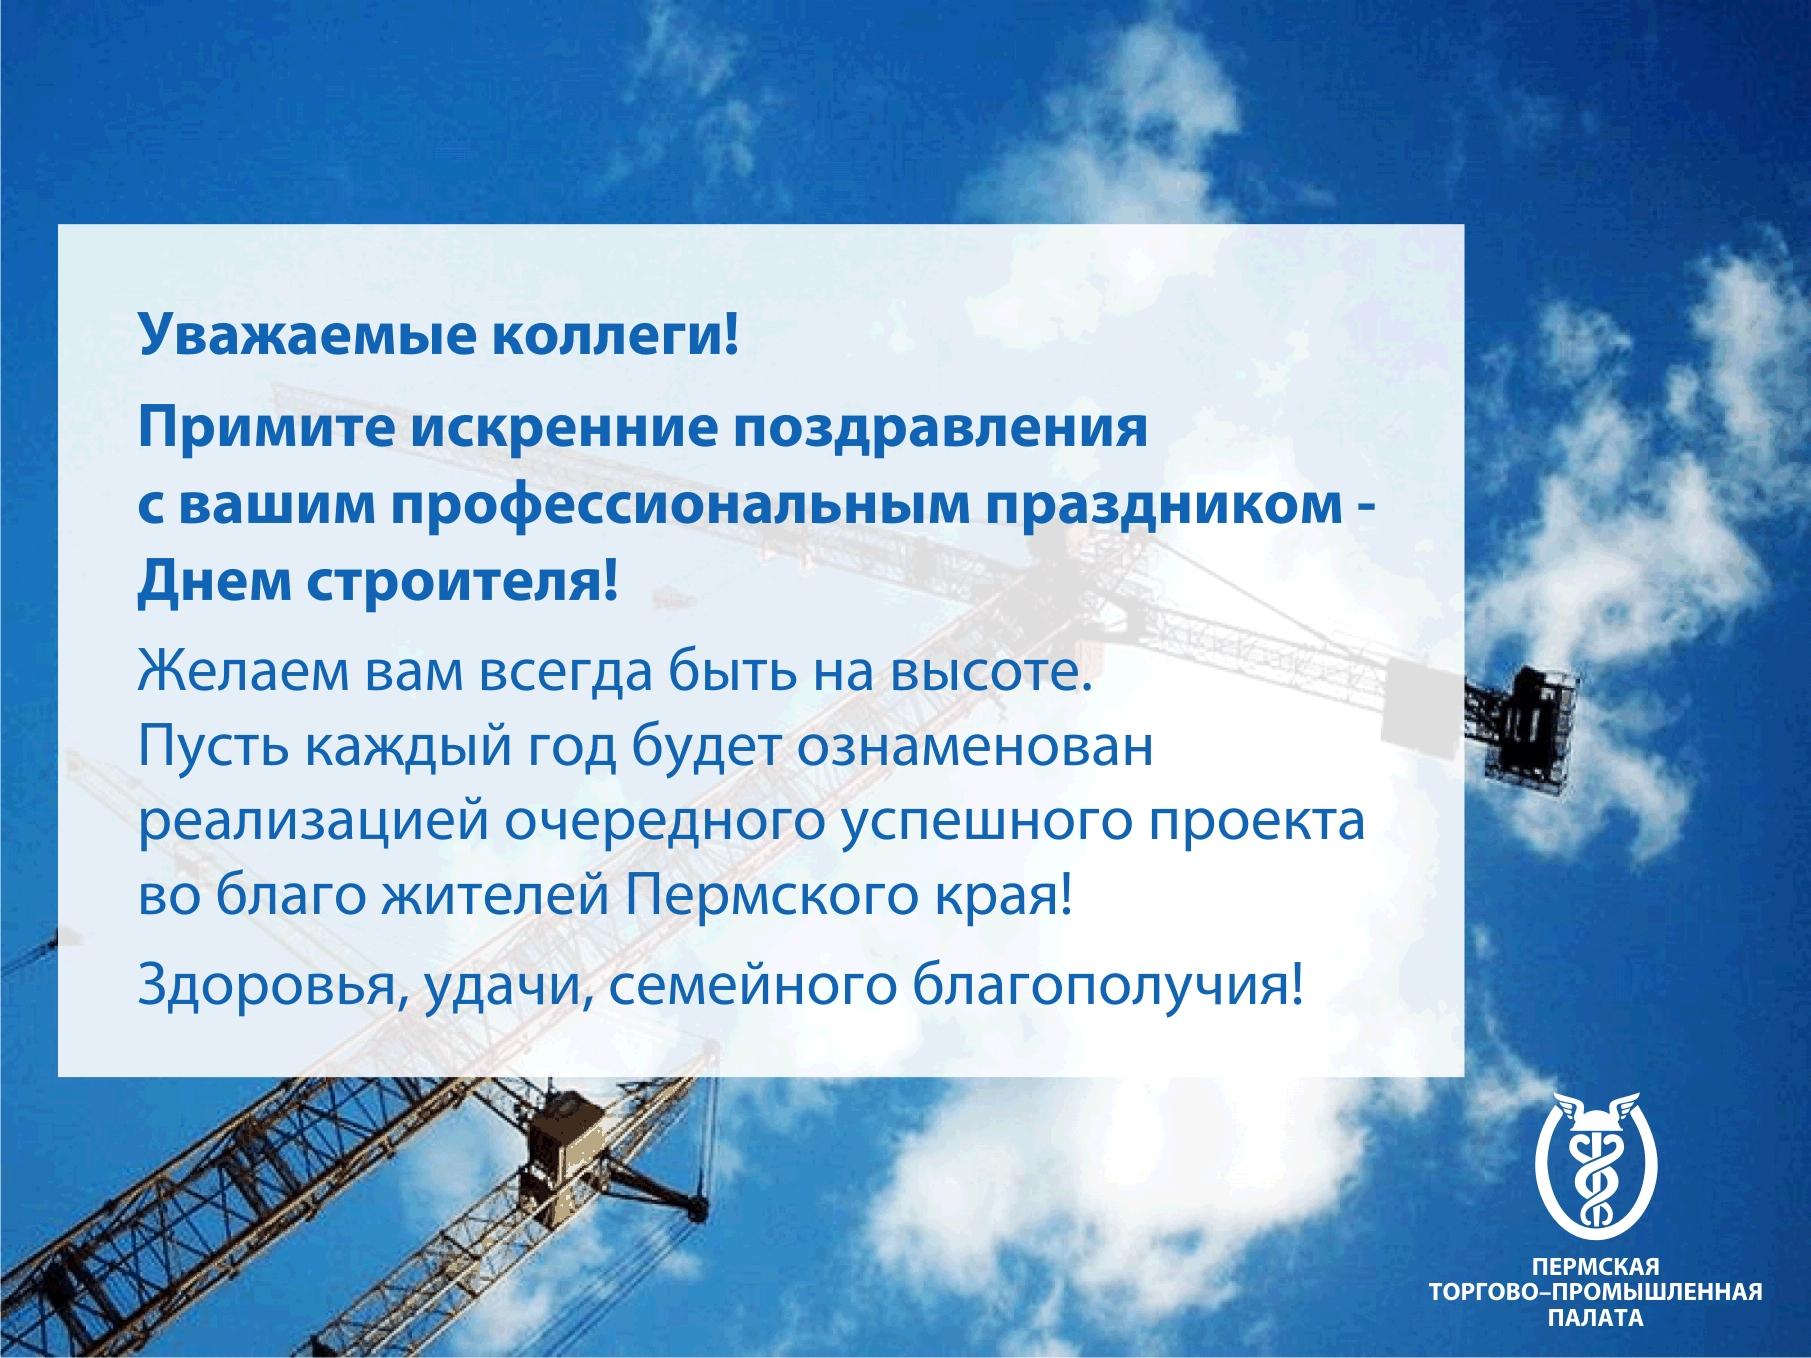 Корпоративные открытки ко Дню Строителя - издательство 74